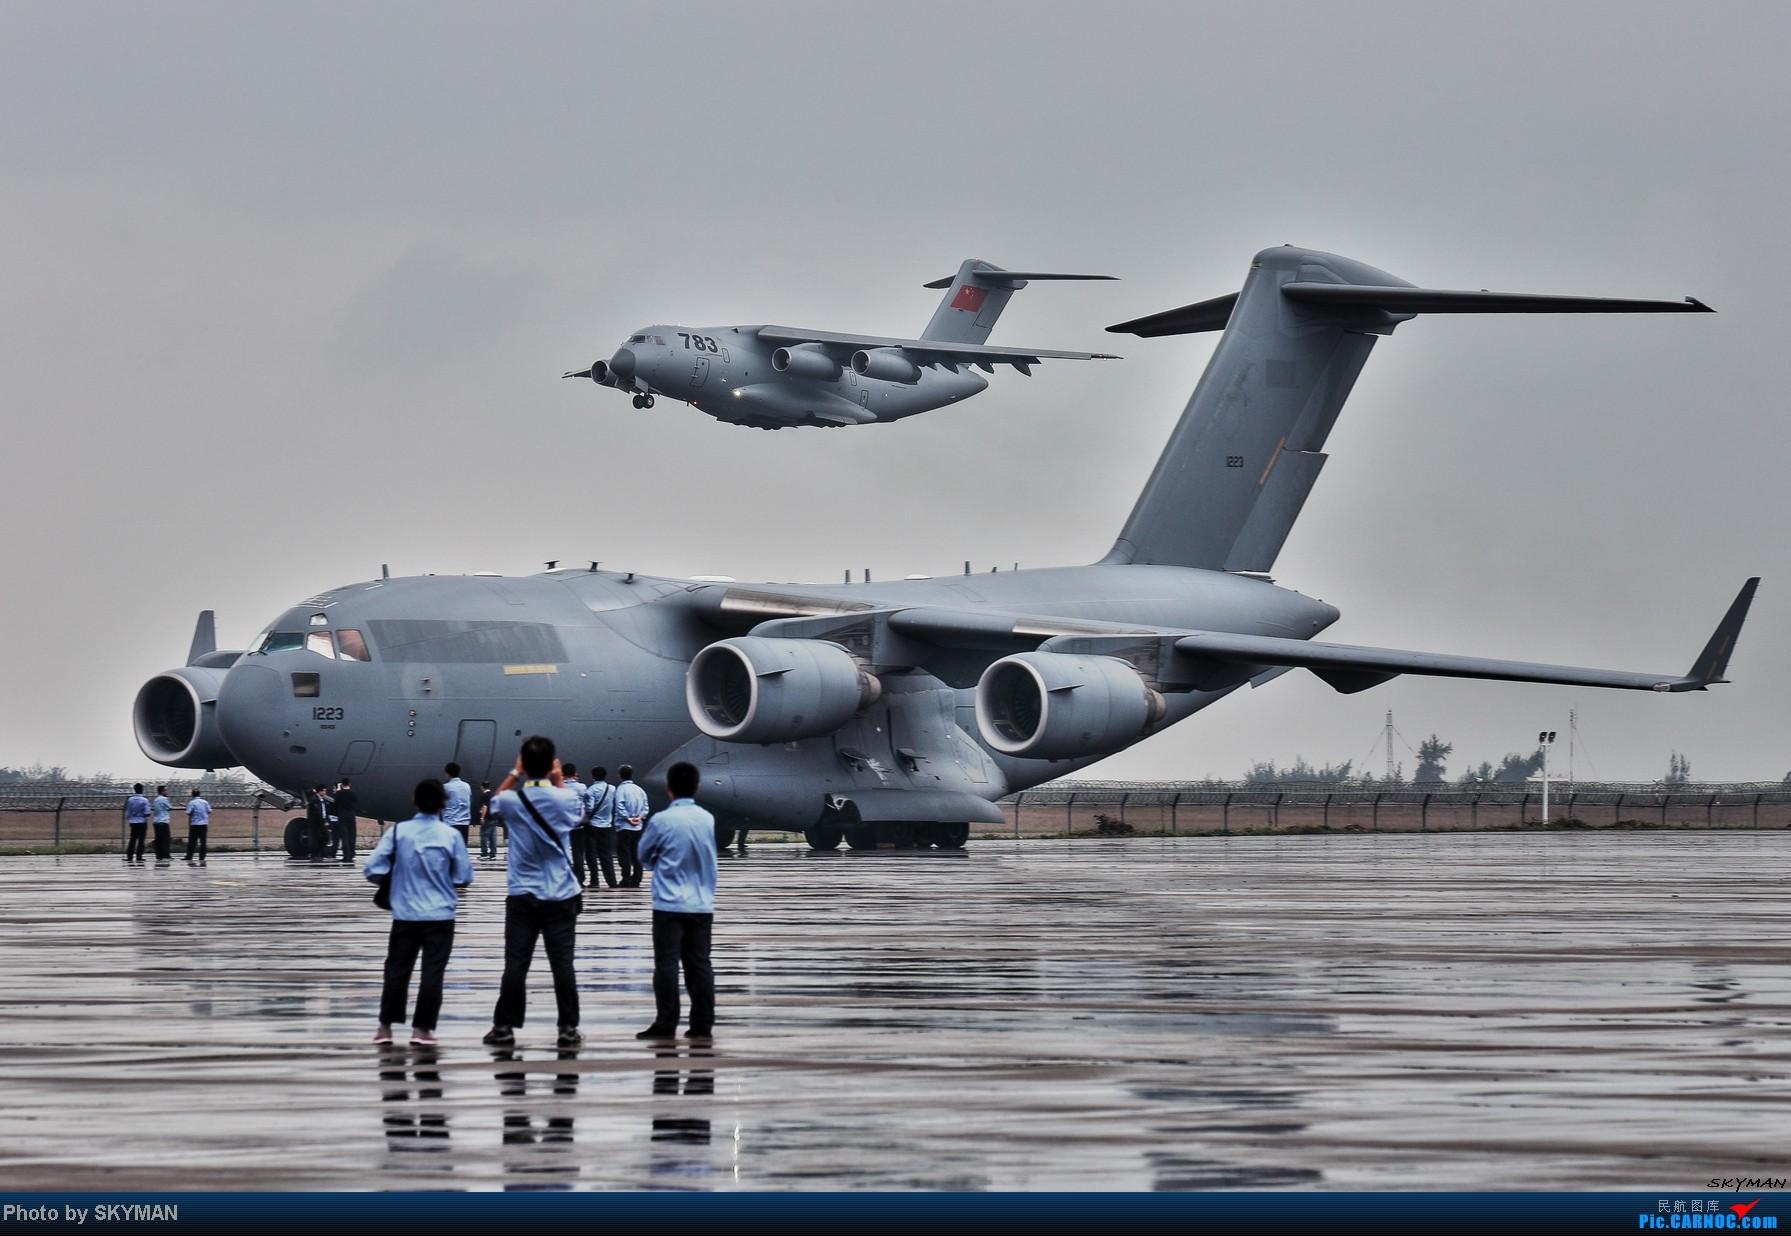 [原创]2014 珠展 展前随拍    中国珠海金湾机场